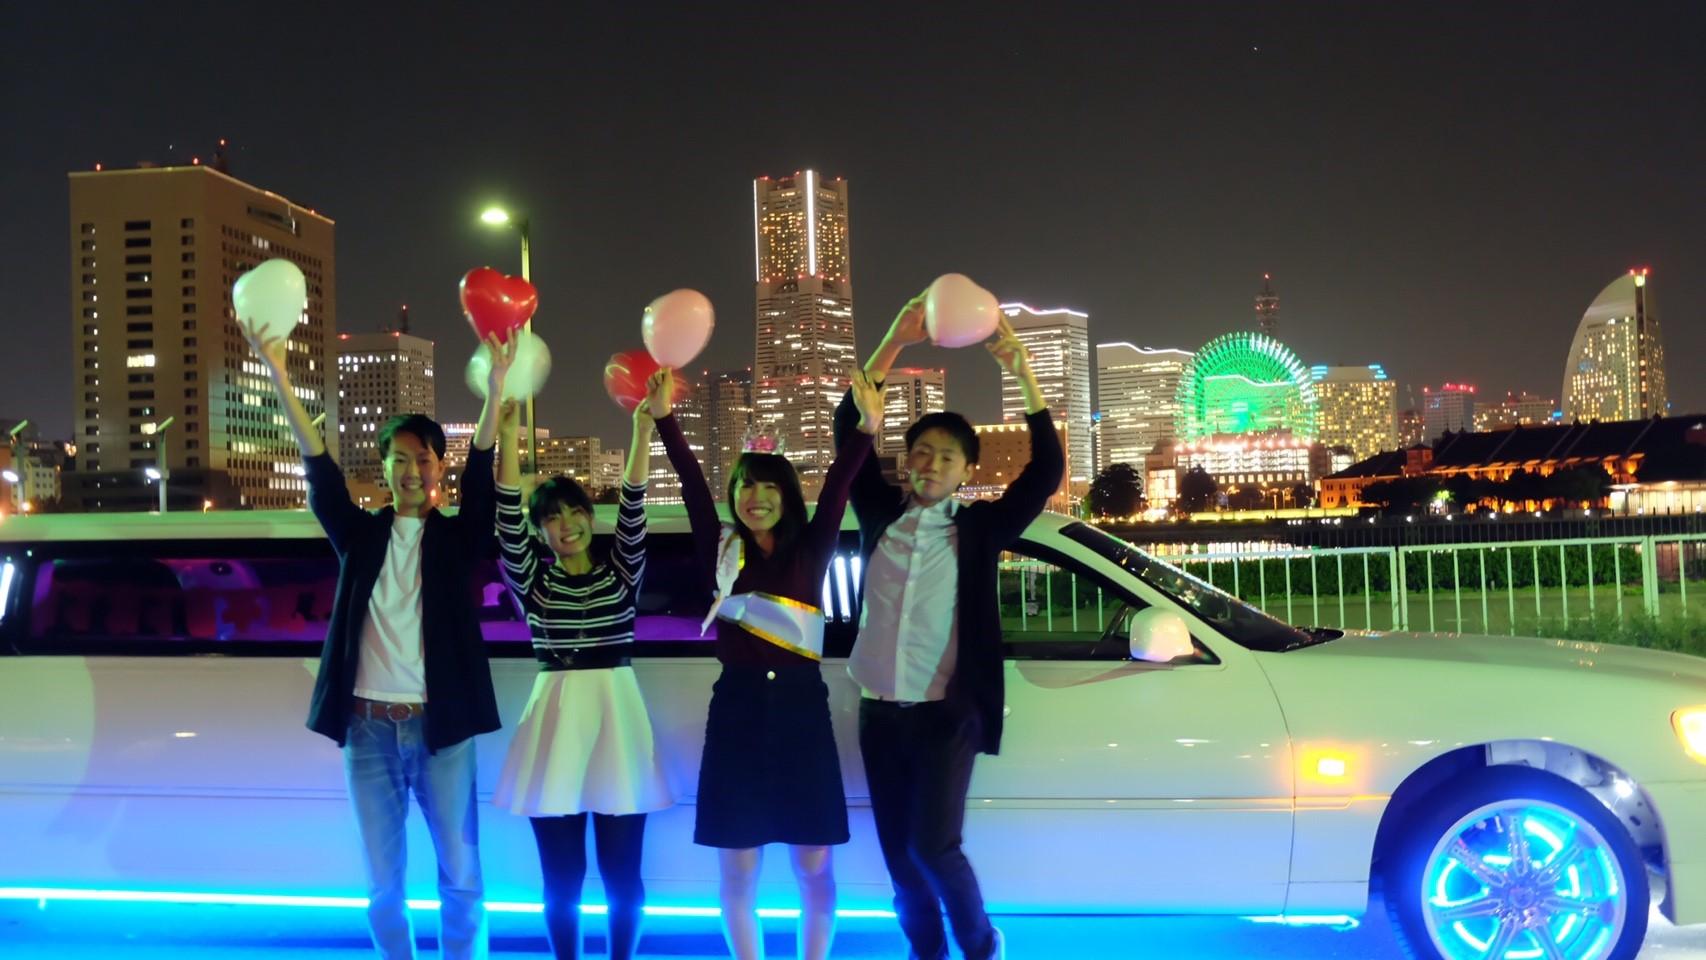 リムジンパーティー リムジン女子会 リムジン リムジンレンタル リムジン誕生日 リムジンサプライズ